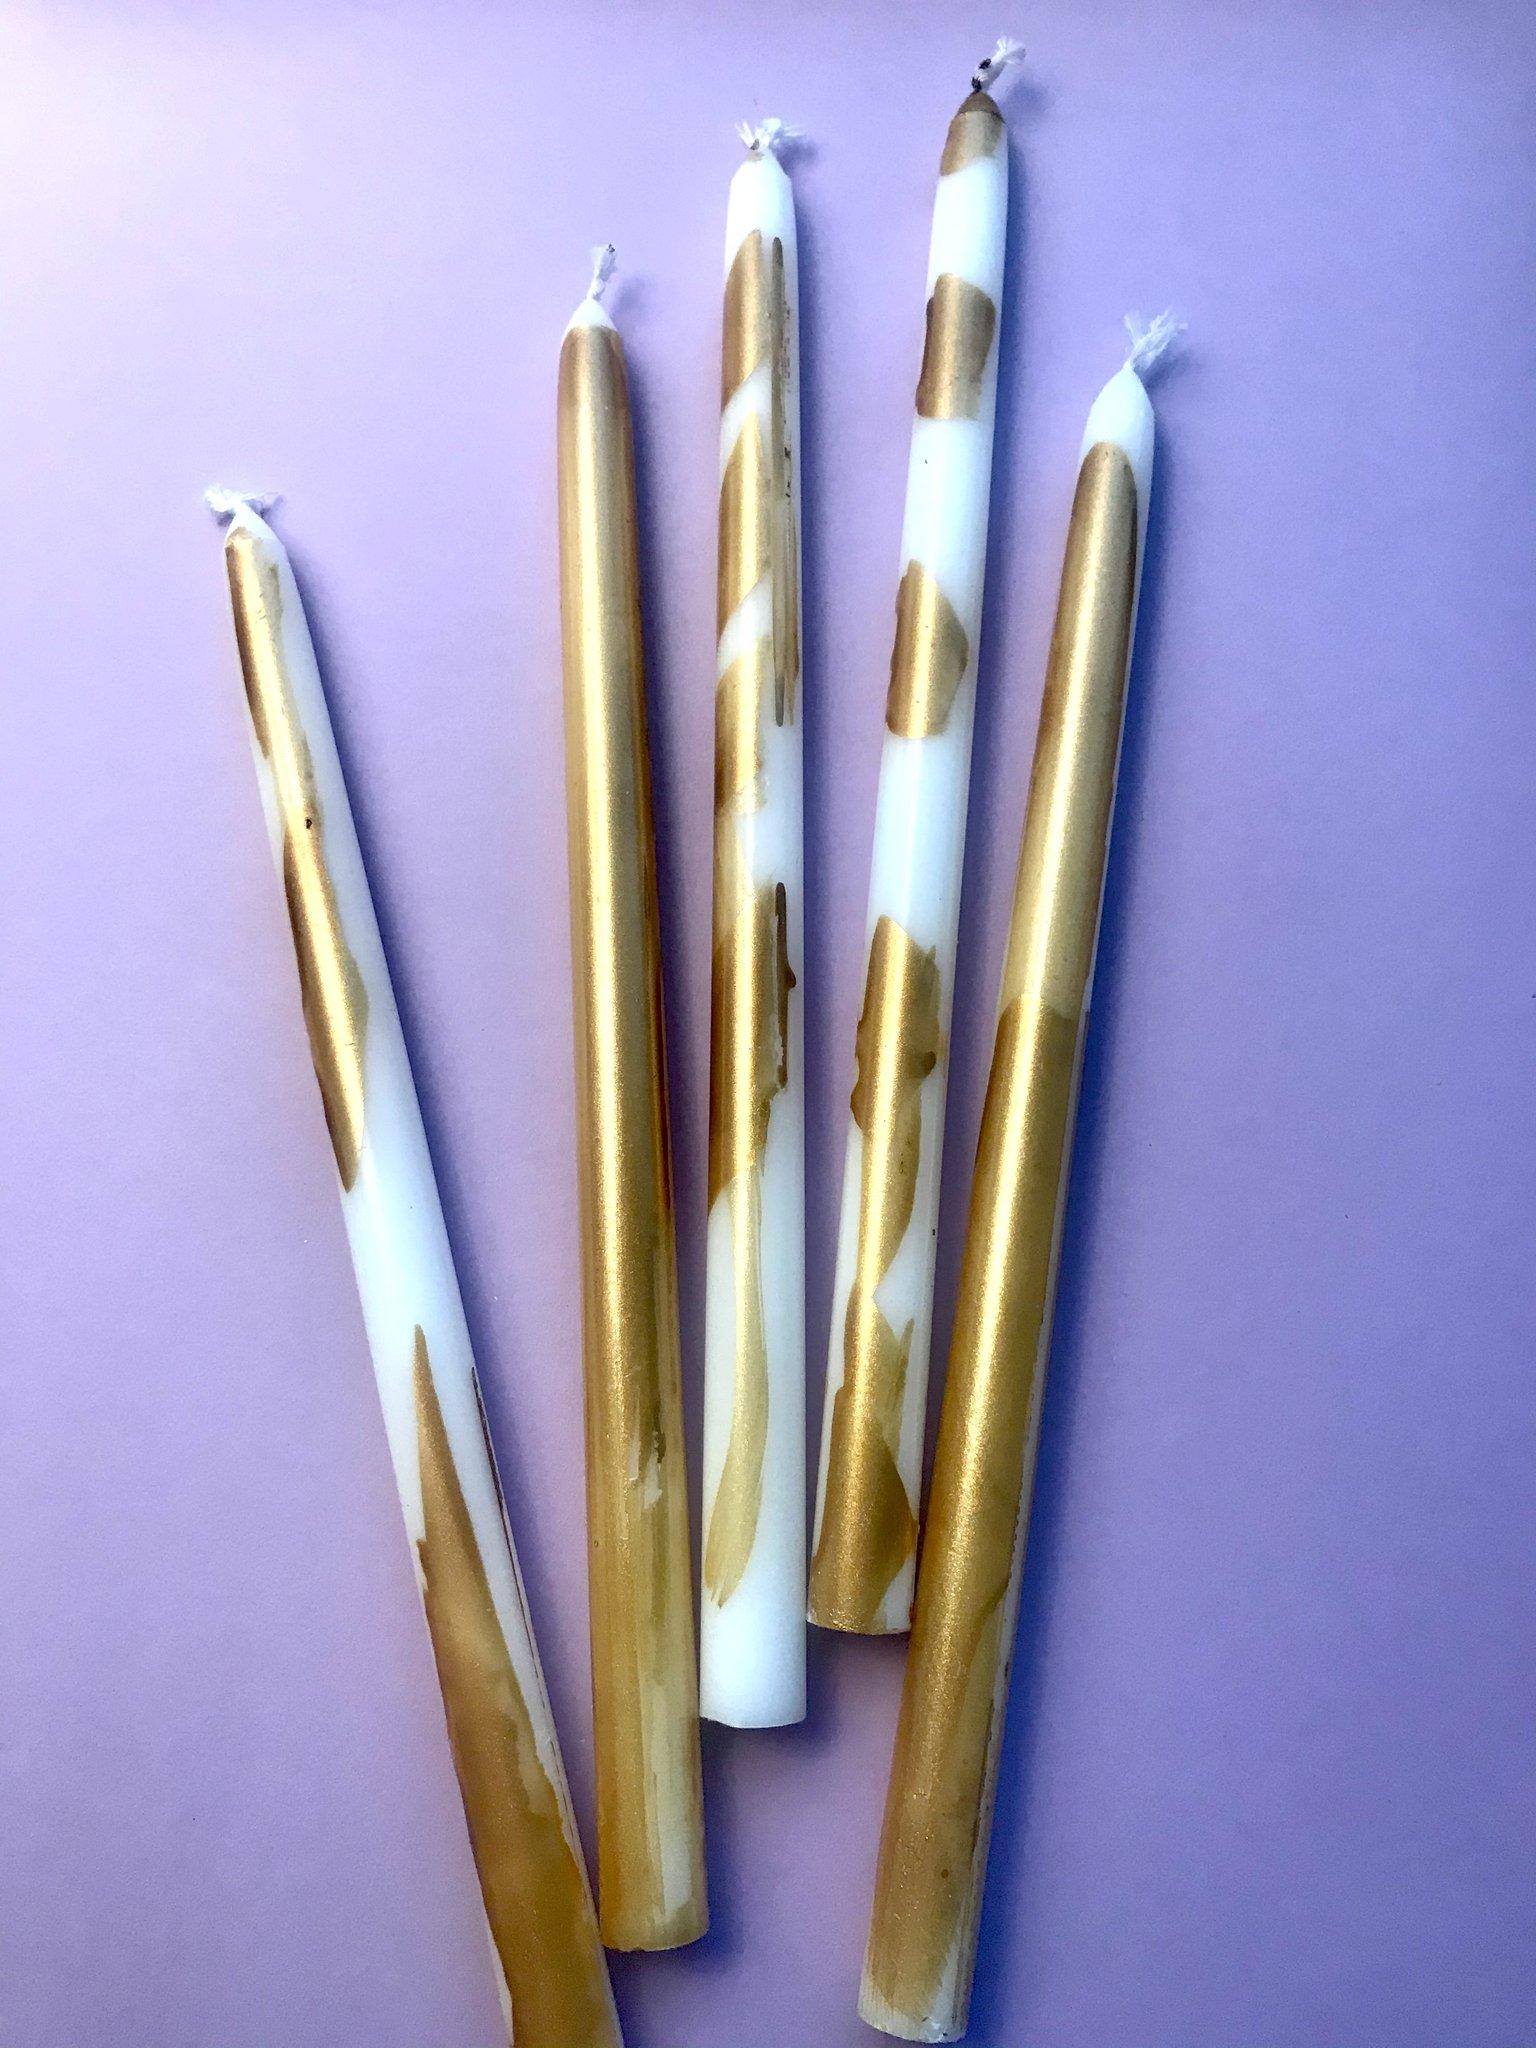 3 Kerzen Gold*Weiss, dünn/ mittellang